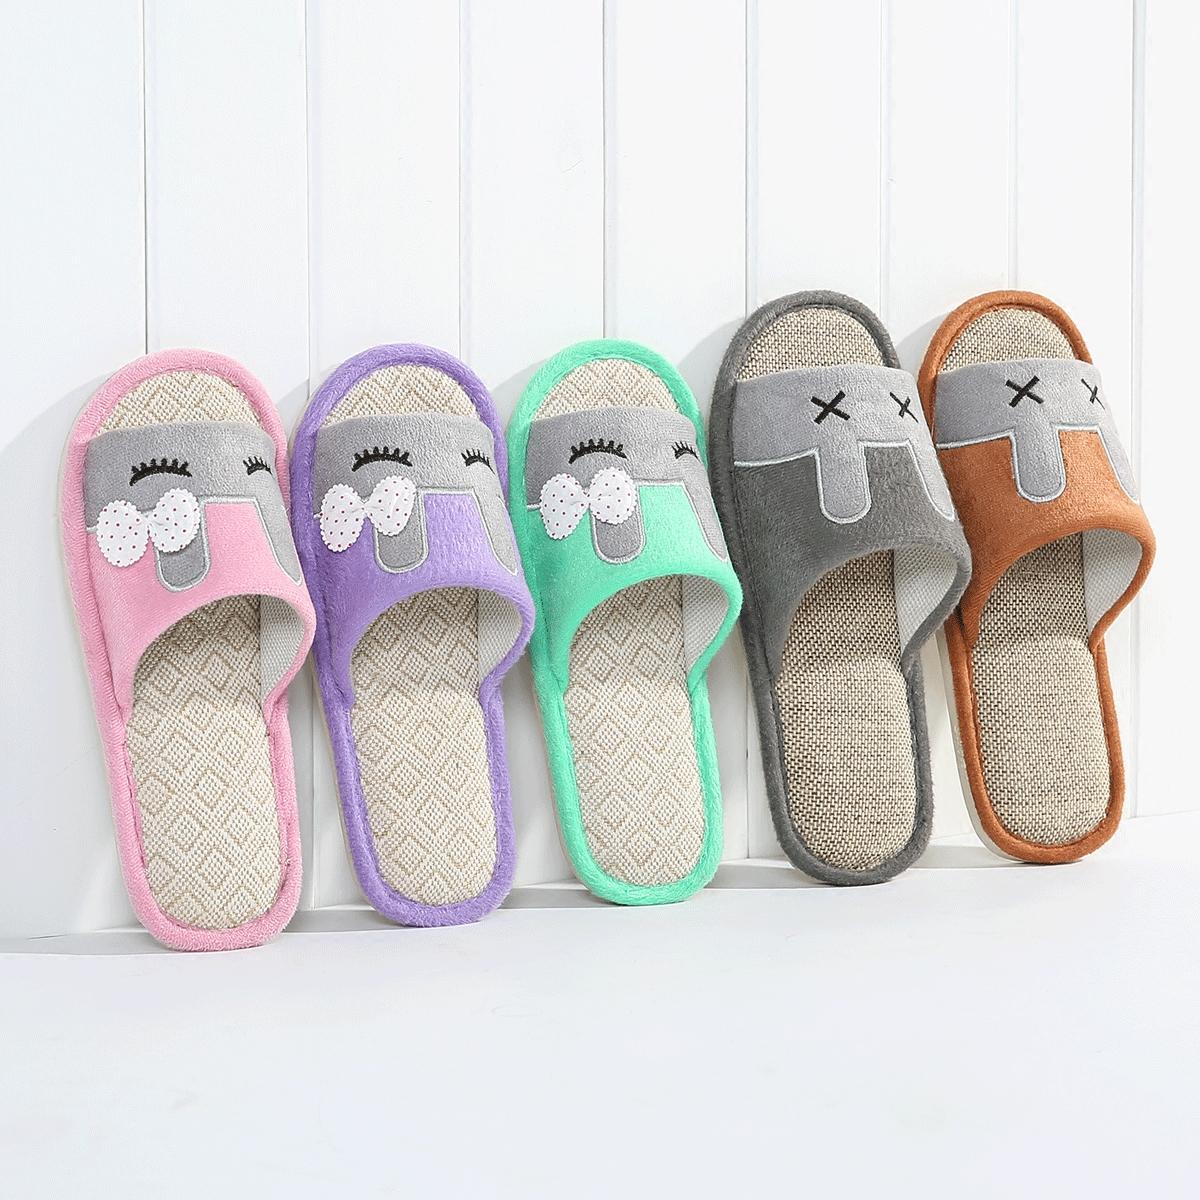 【天天特价】春夏季居家情侣防滑亚麻拖鞋室内木地板四季棉麻托鞋